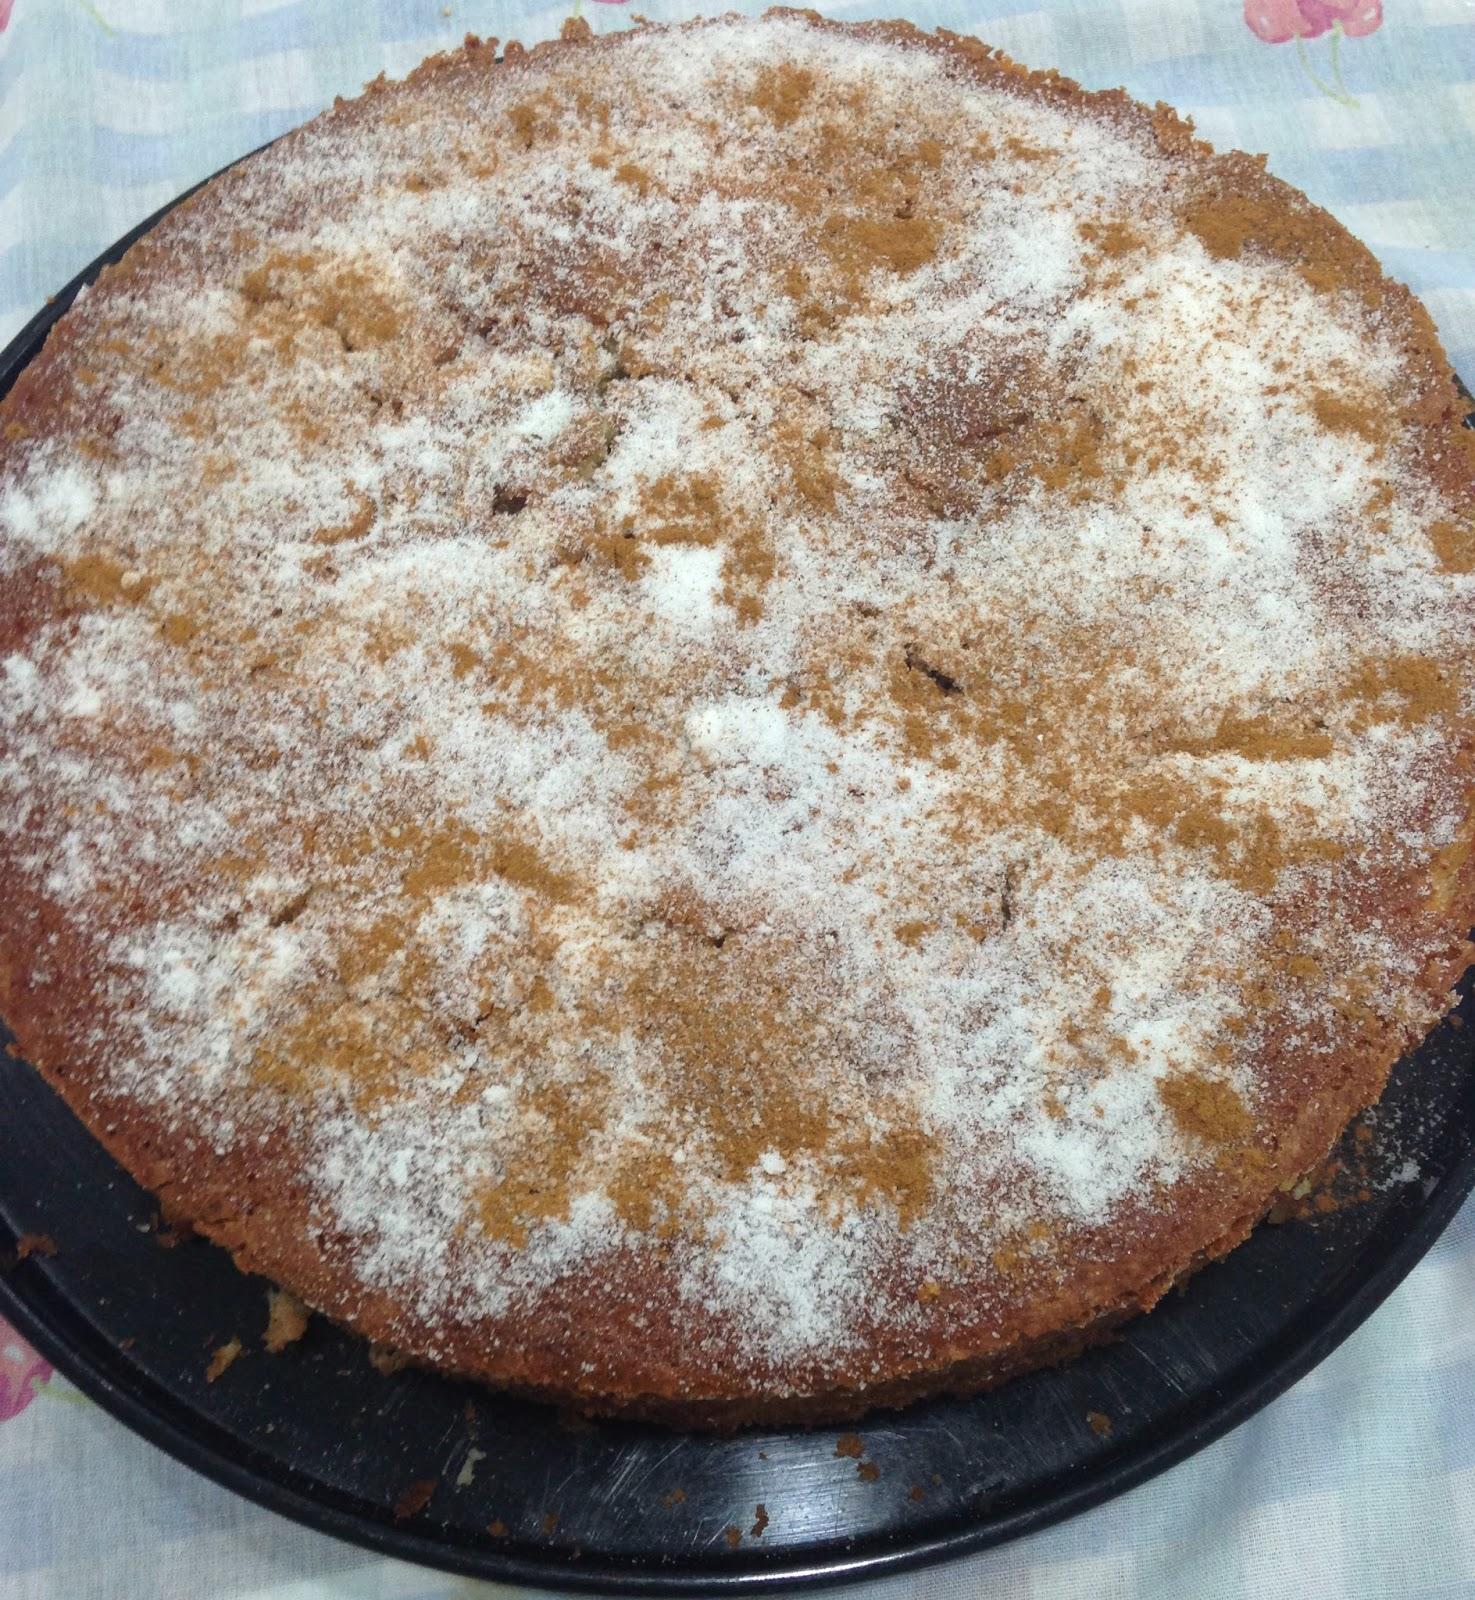 bolo de maçã com canela